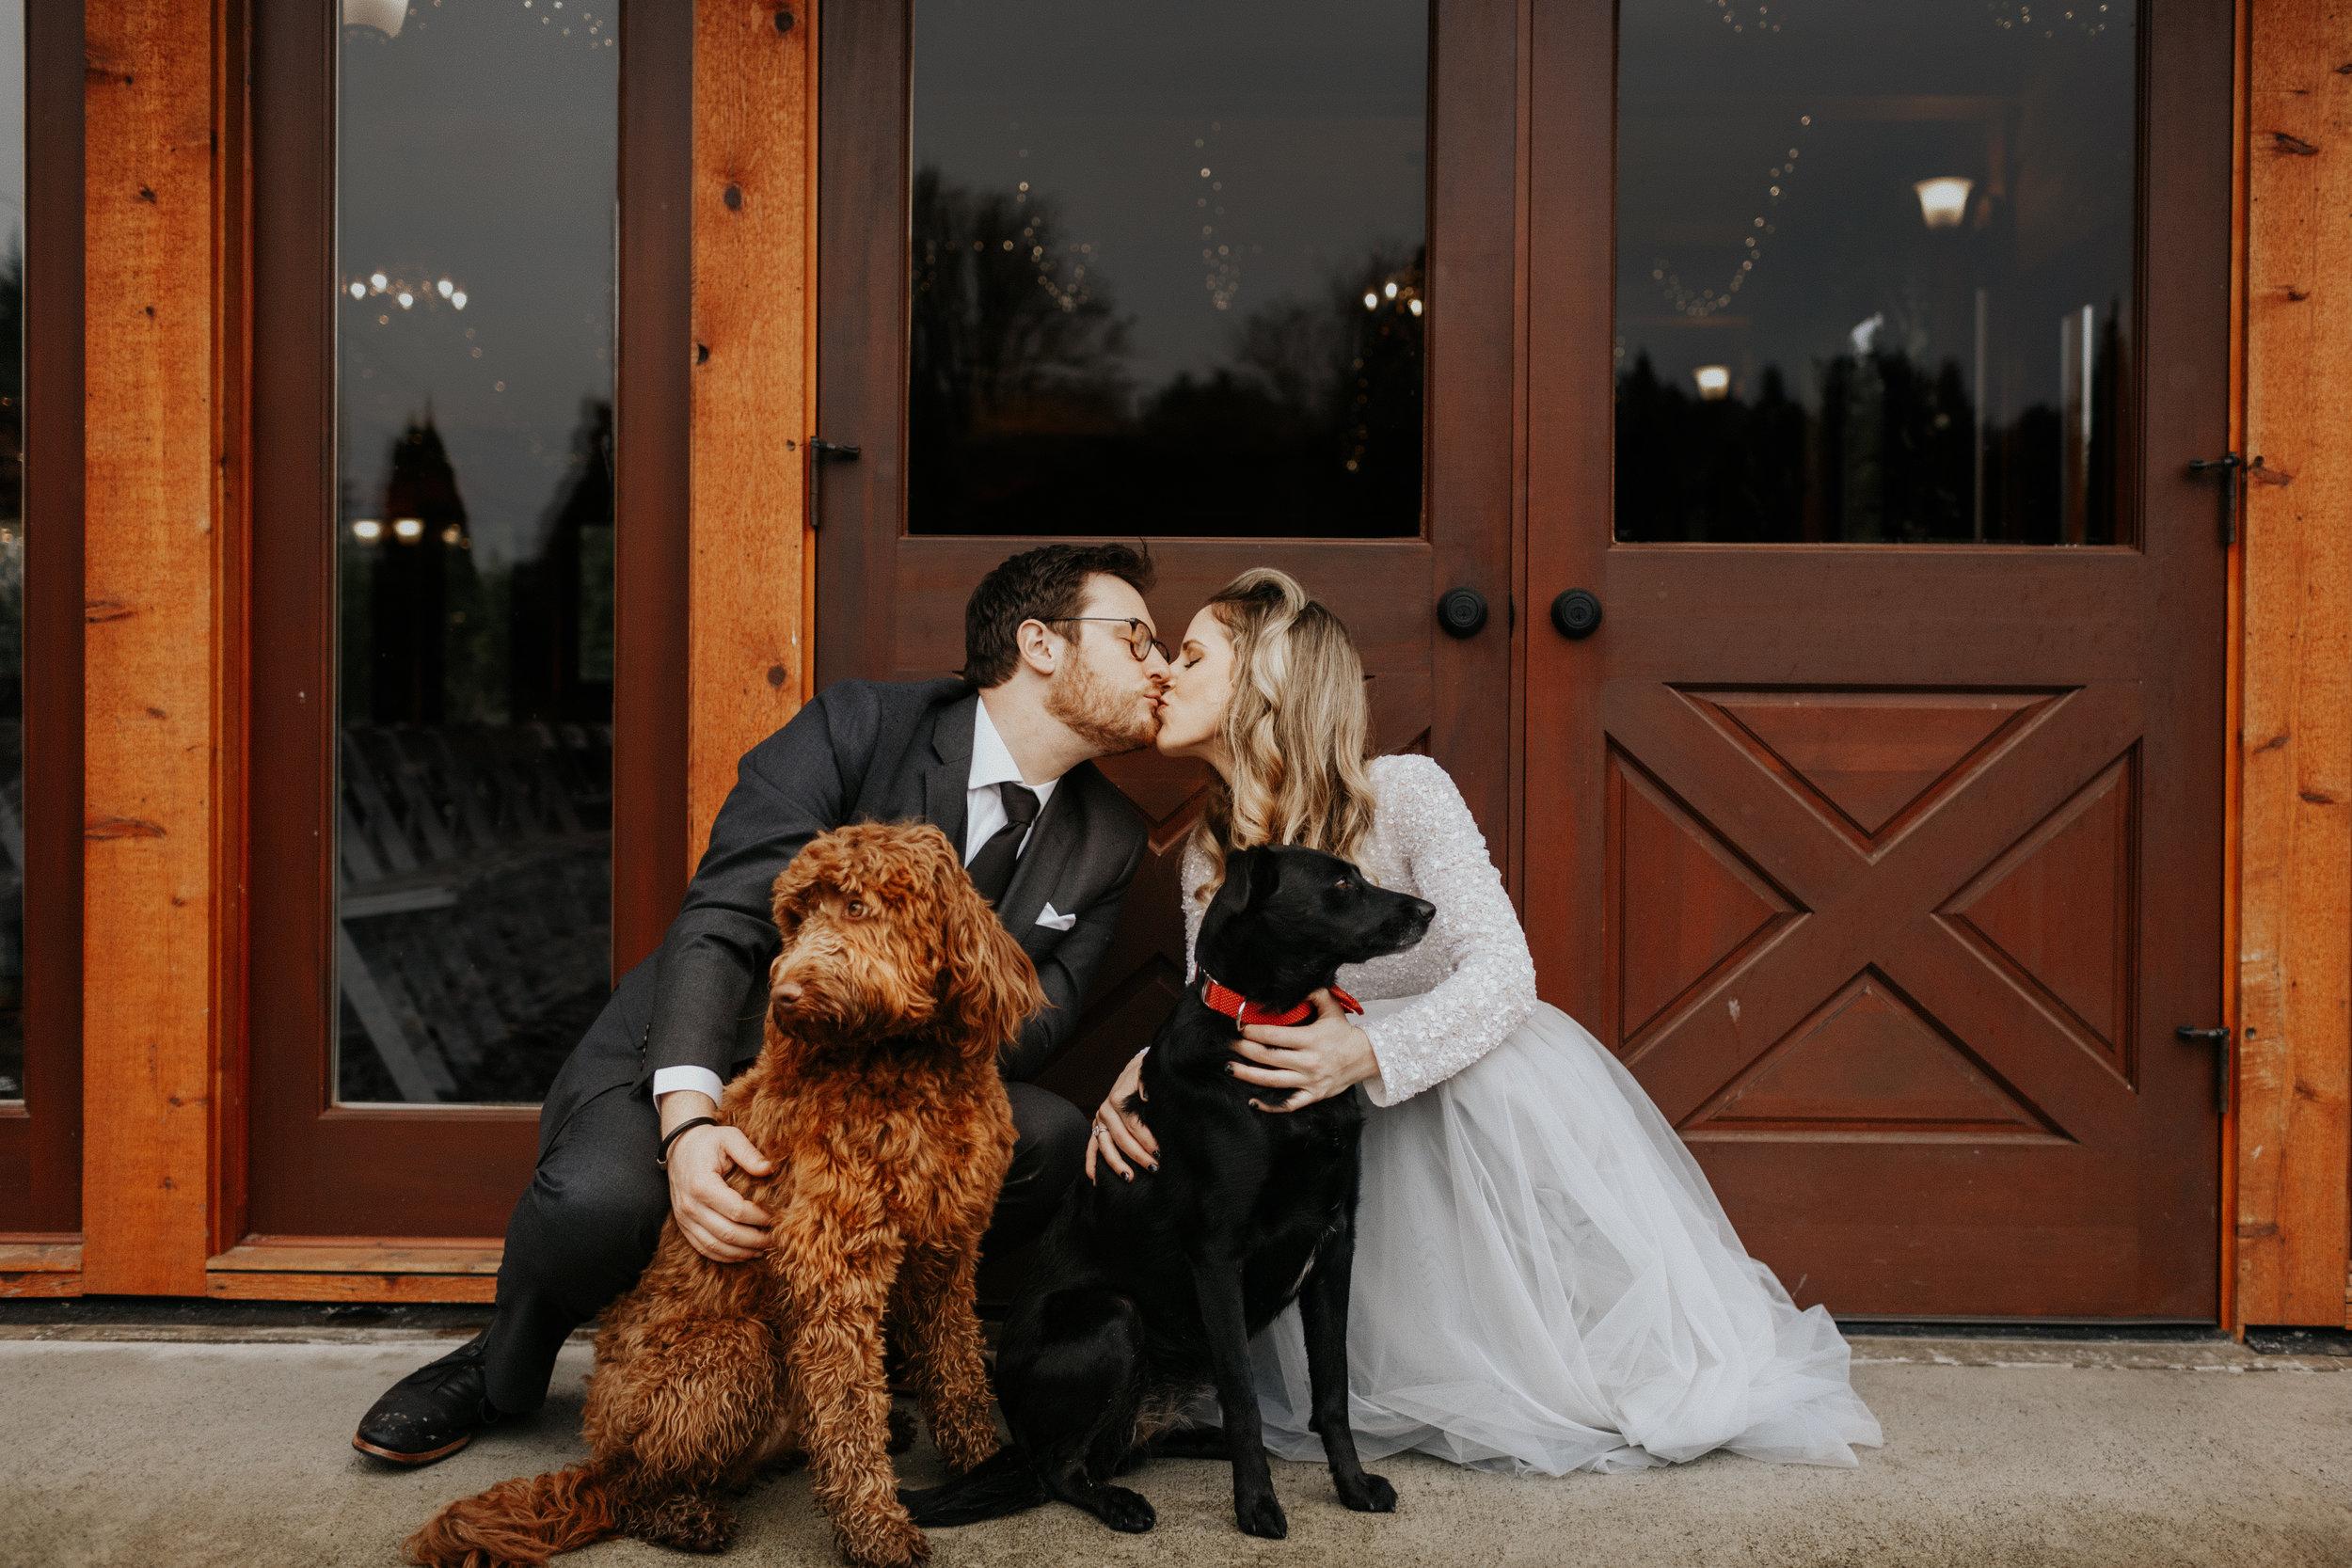 ginapaulson-courtnyandryan-wedding-258.jpg